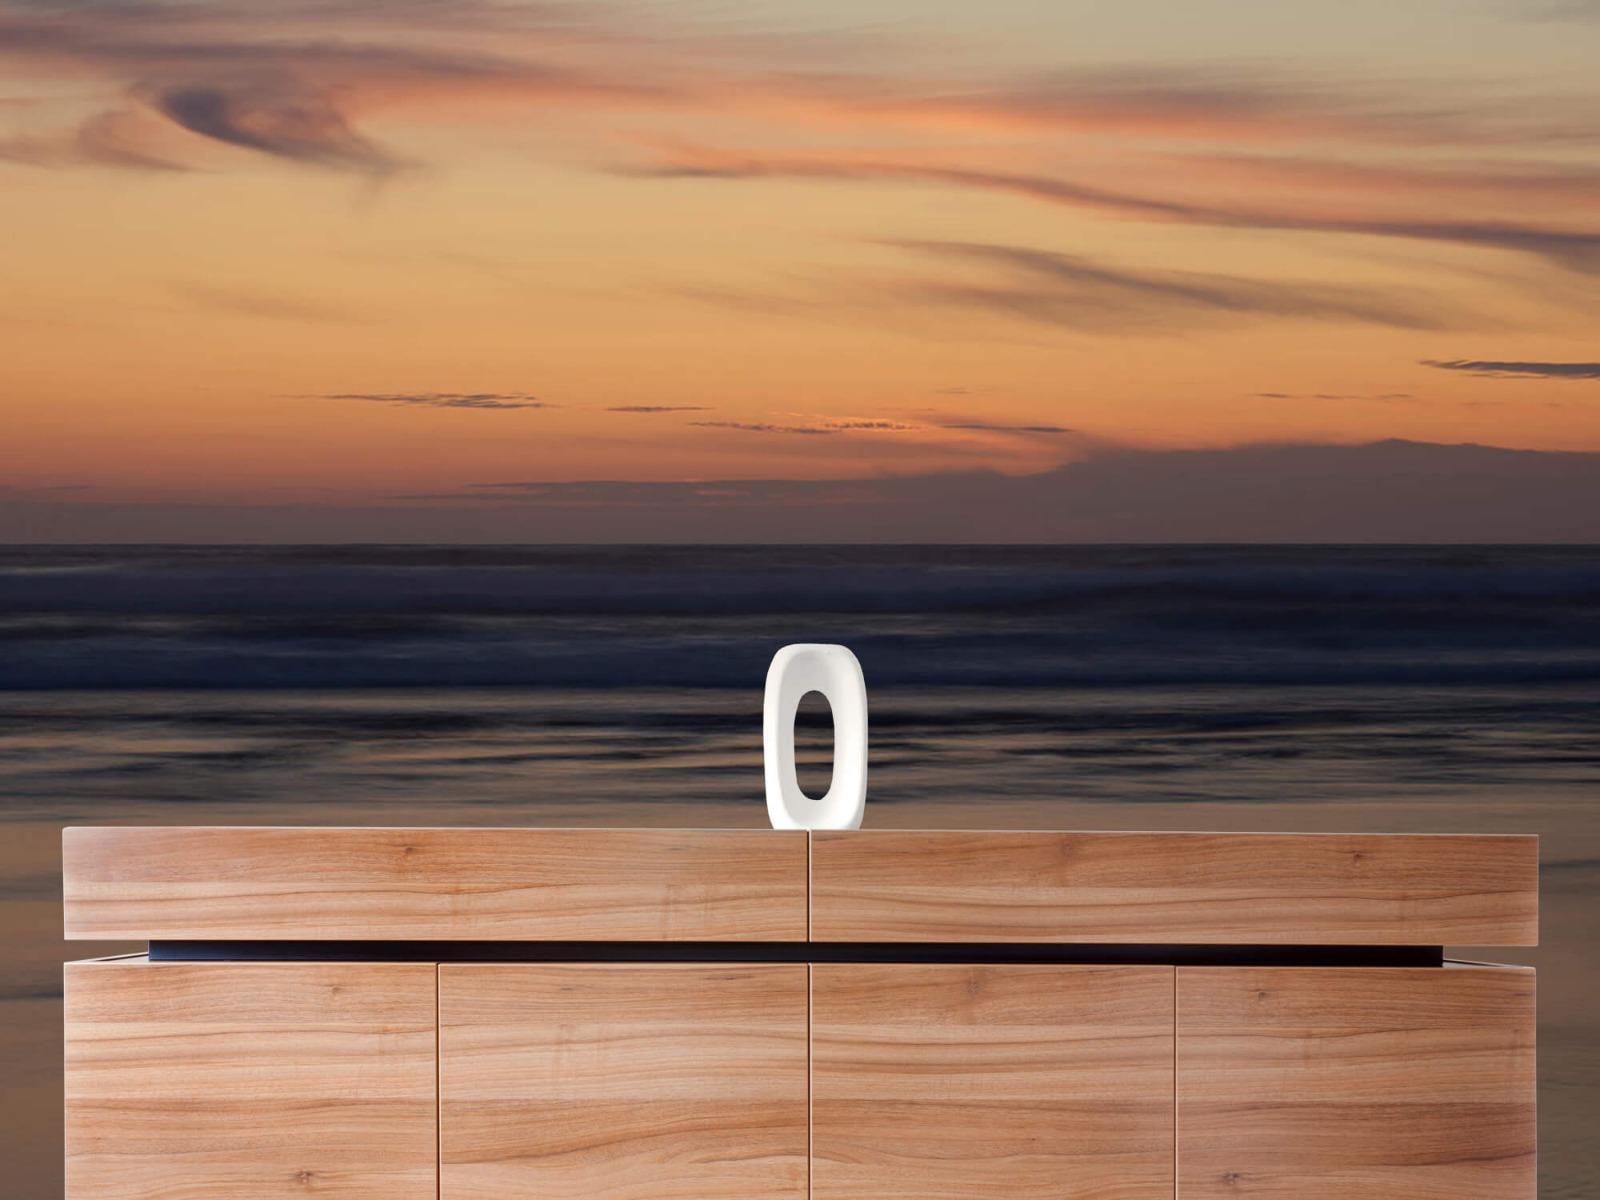 Zeeën en Oceanen - Zonsondergang aan de kust - Slaapkamer 20